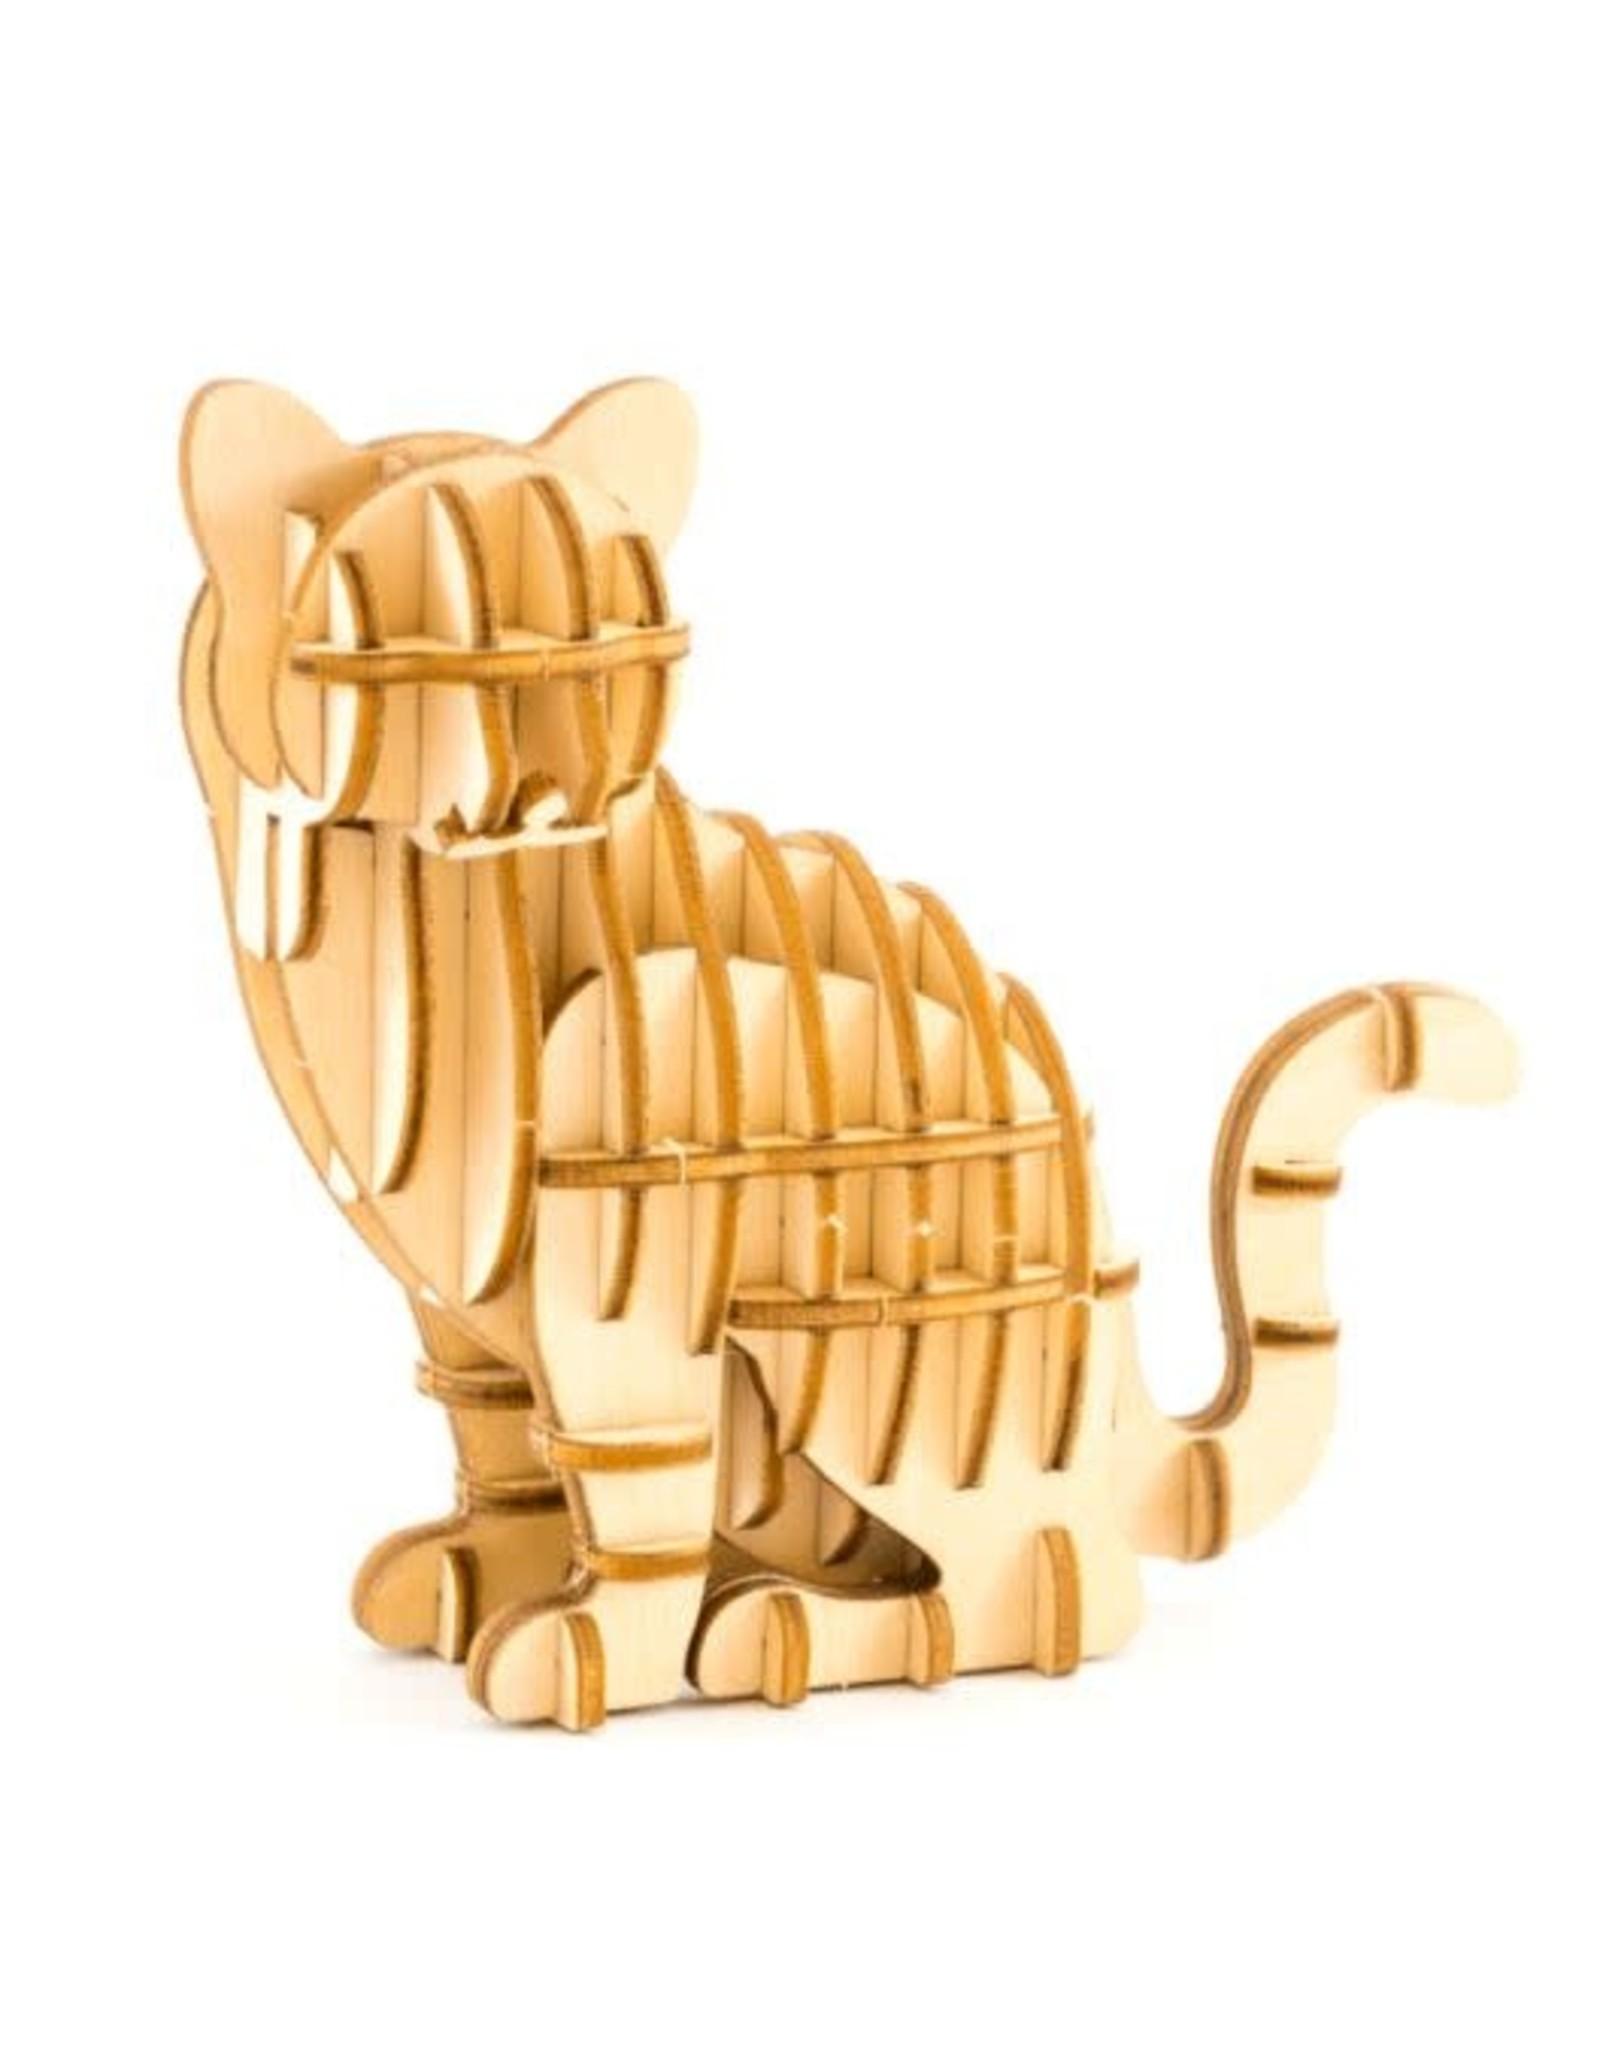 Ki-Gu-Mi Ki-Gu-Mi Wooden 3D Puzzles